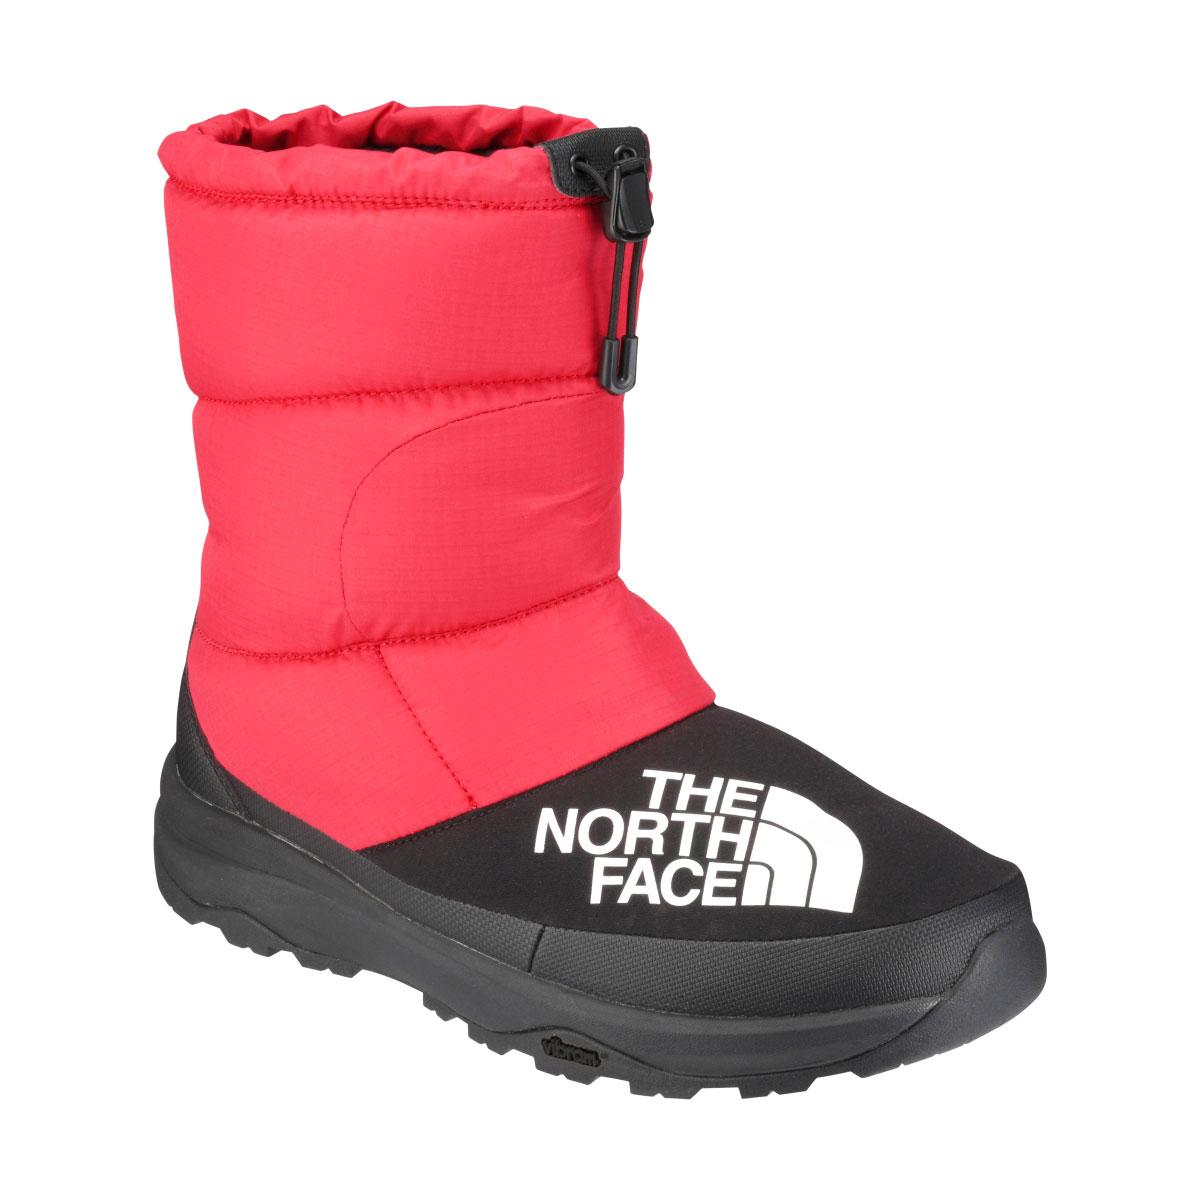 THE NORTH FACE NUPTSE DOWN BOOTIE(RK/TNFレッド x ブラック)(ザ・ノース・フェイス ヌプシ ダウン ブーティー)【メンズ】【レディース】【ブーツ】【18FW-I】